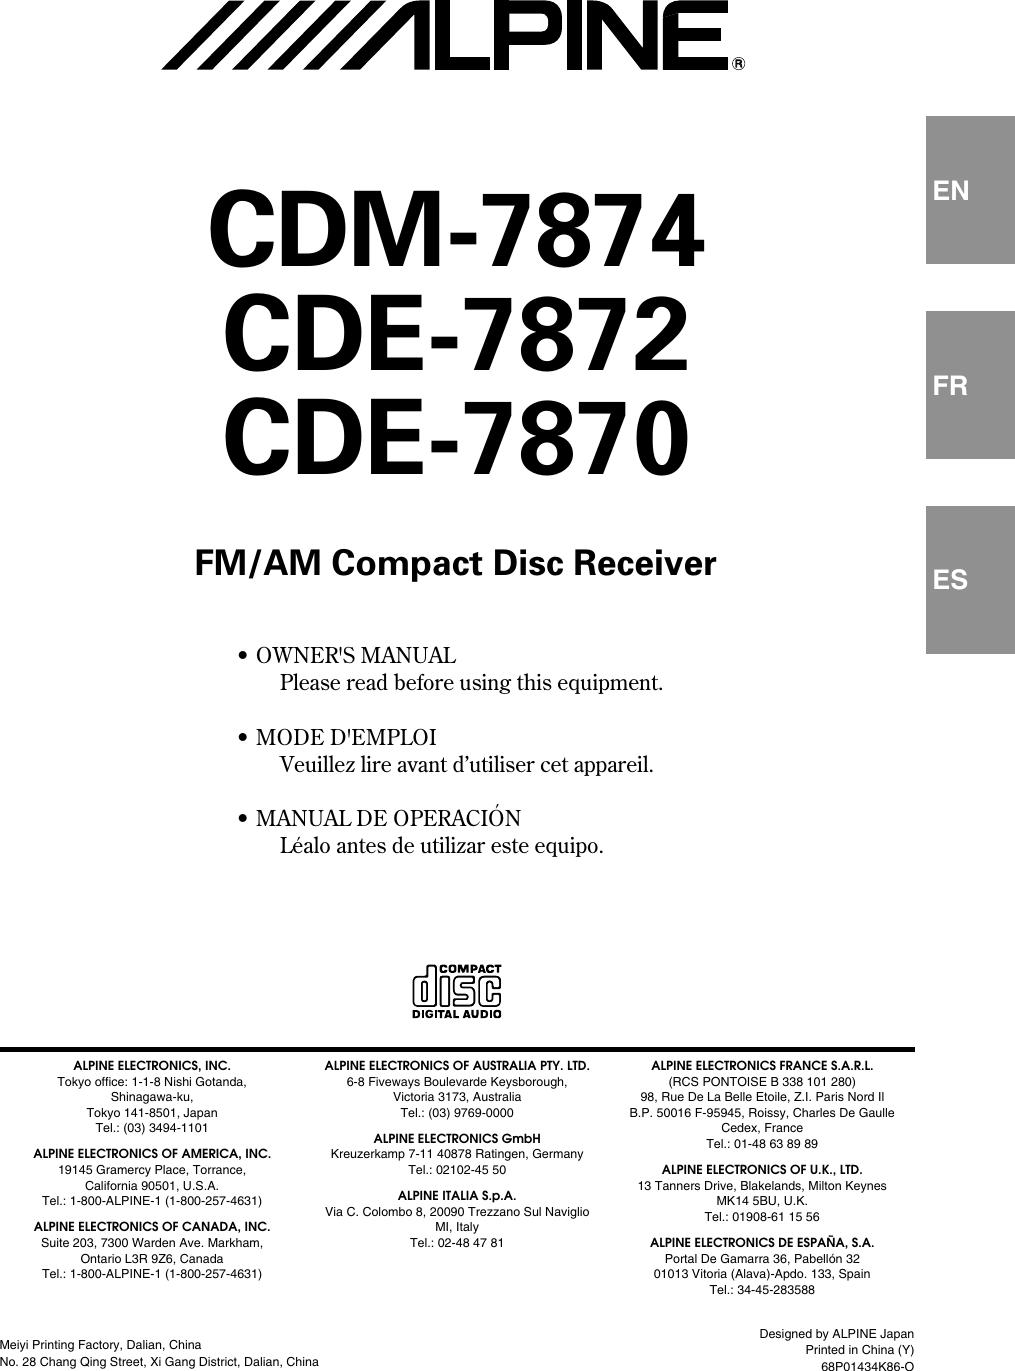 Alpine Cde 7870 Users Manual OM 68P01434K86 O EN on